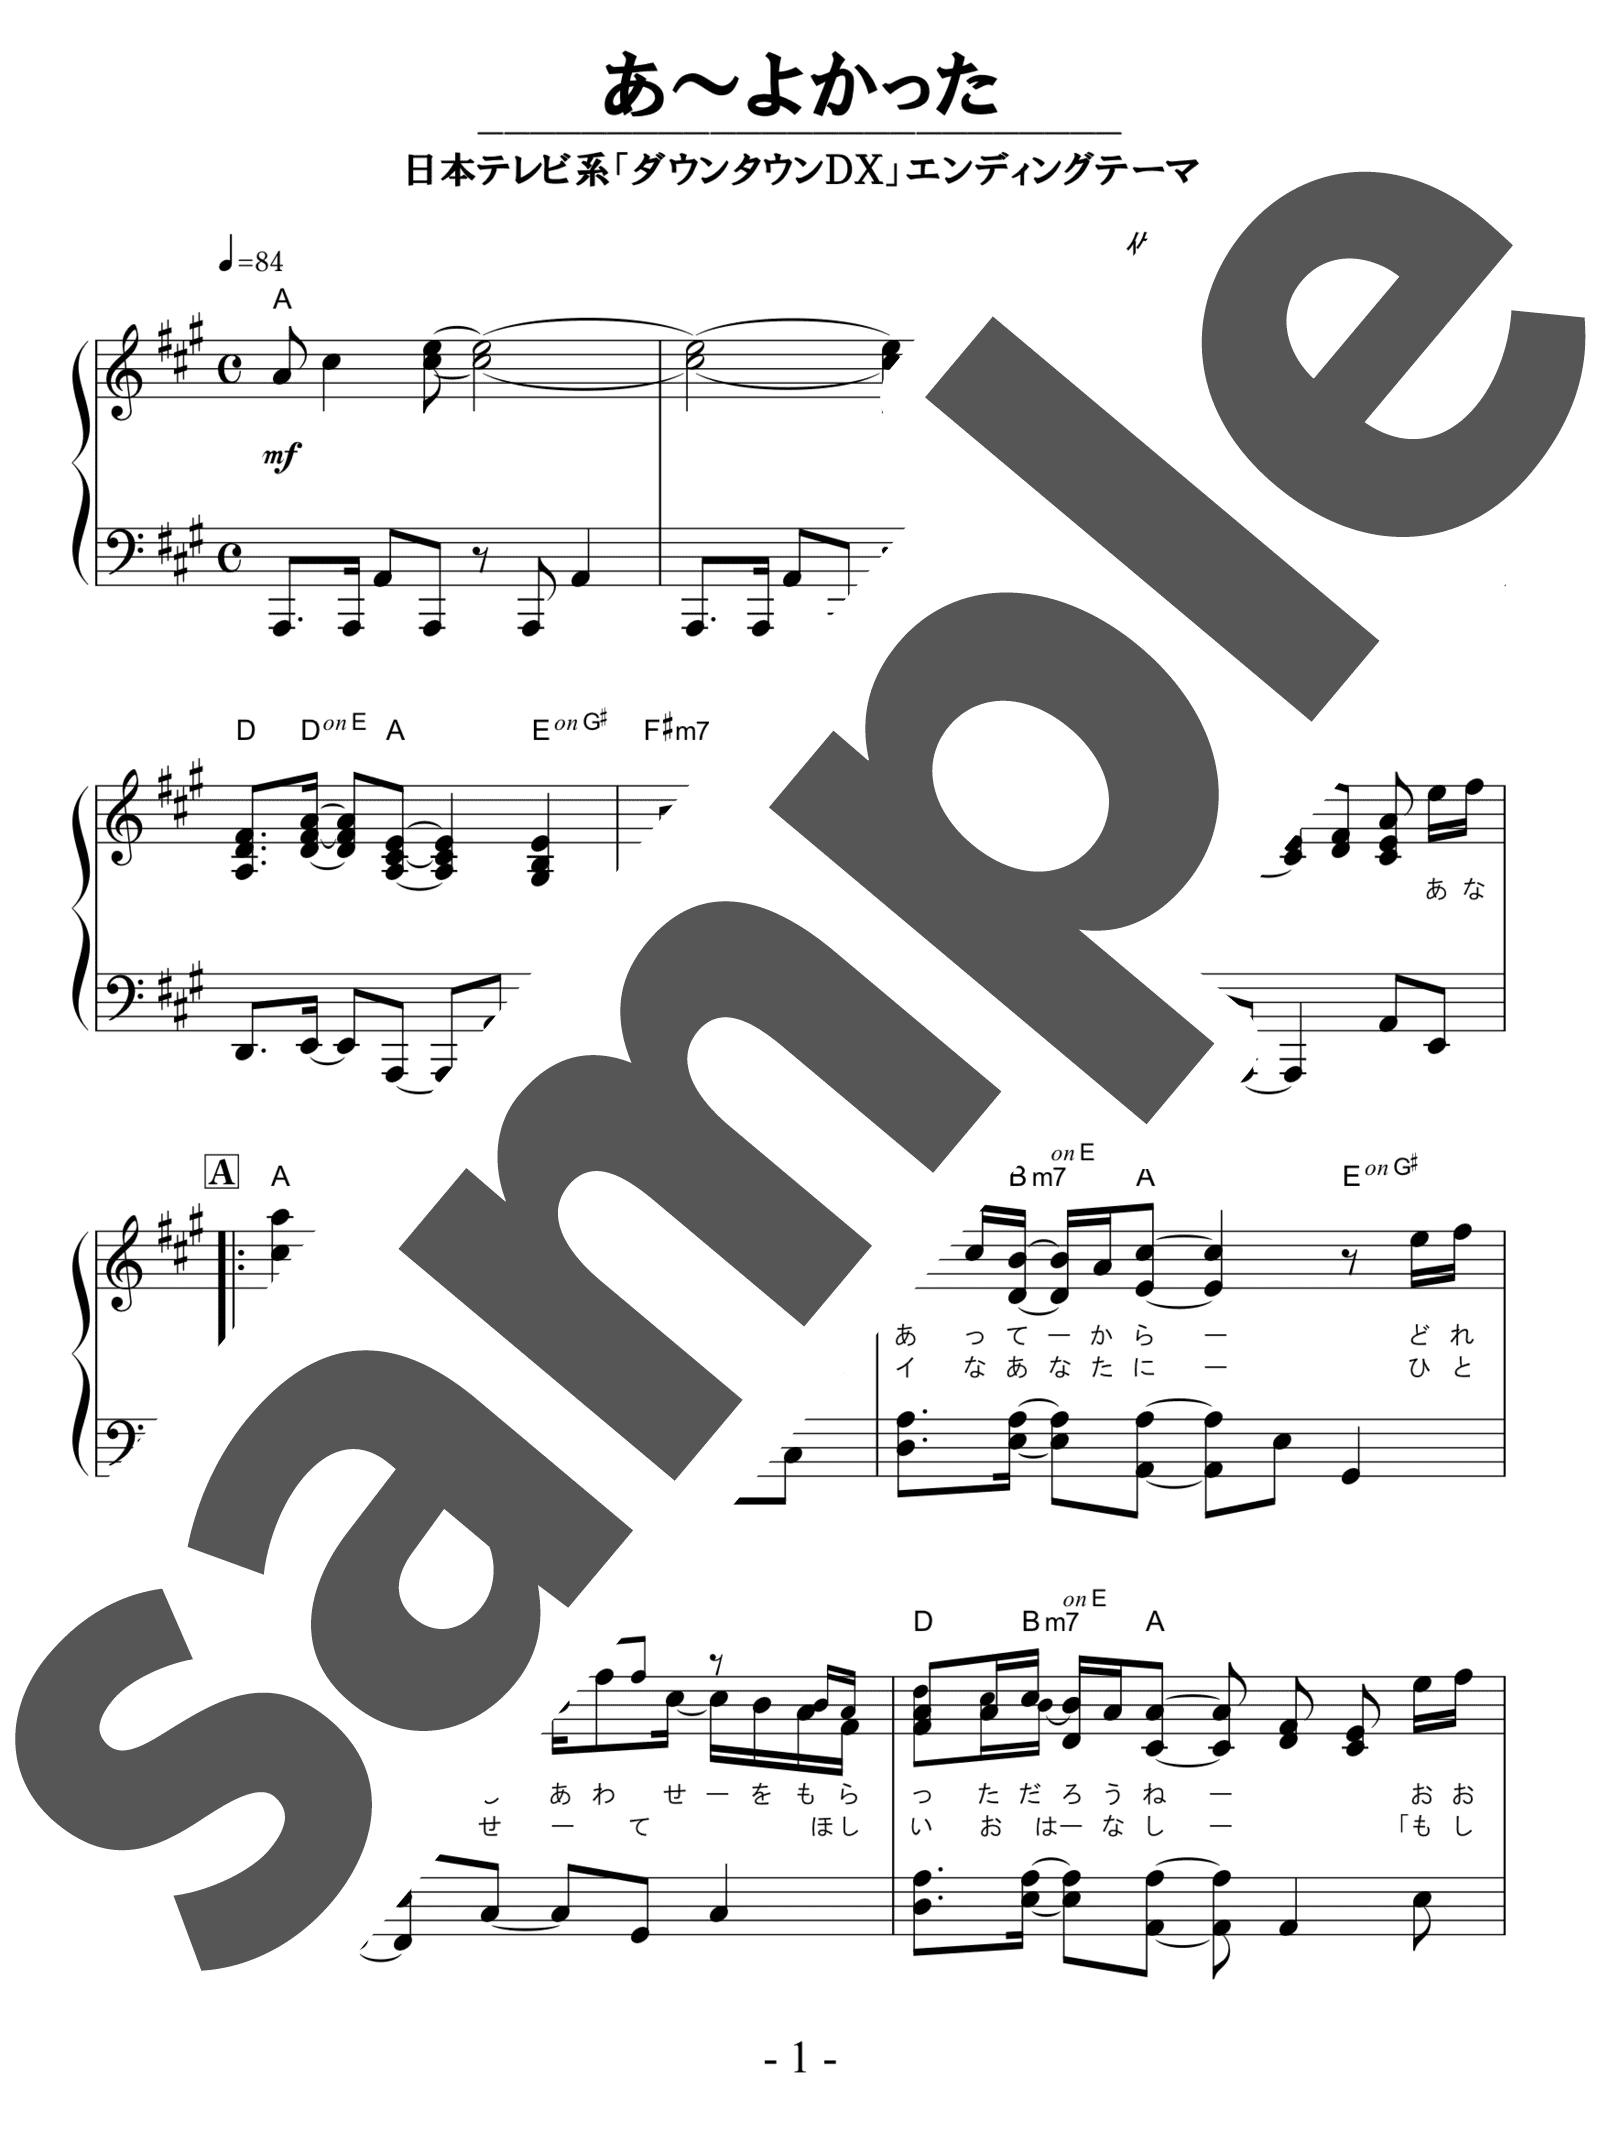 「あ~よかった」のサンプル楽譜